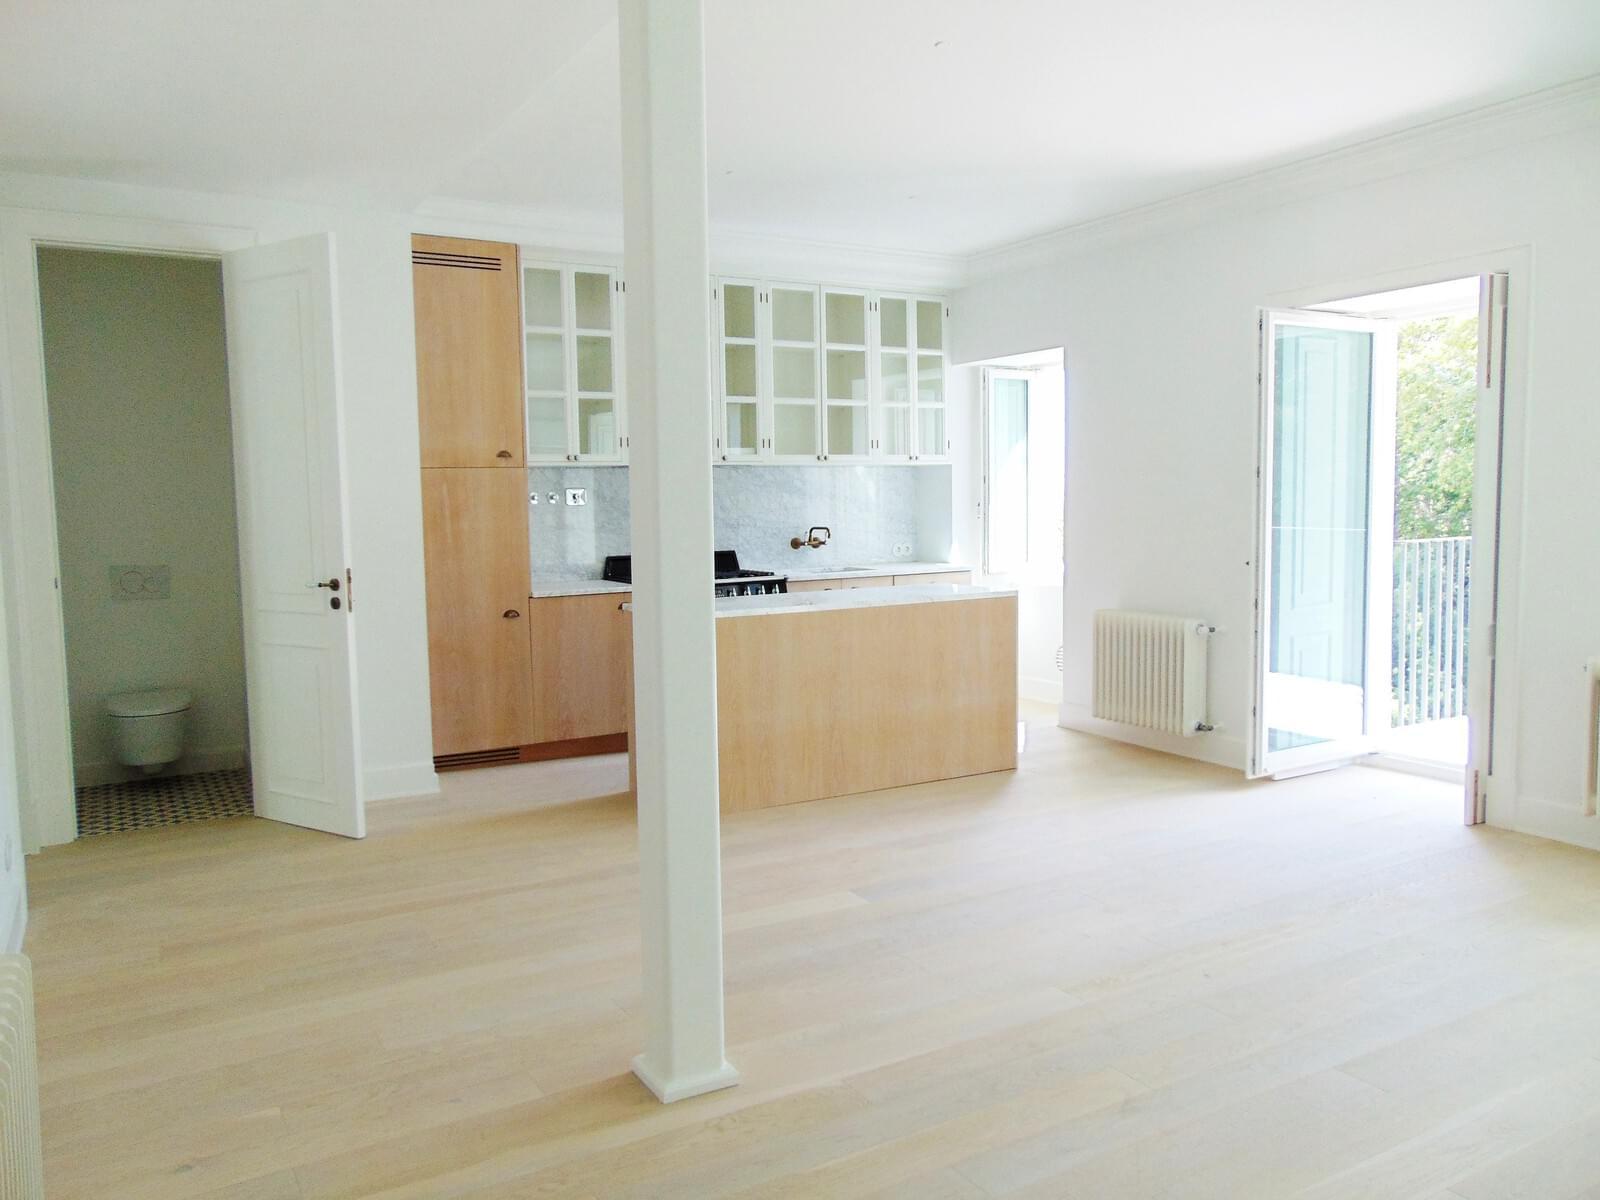 pf18152-apartamento-t2-lisboa-3d699e9a-9afd-428b-8f55-d9a4d6801020